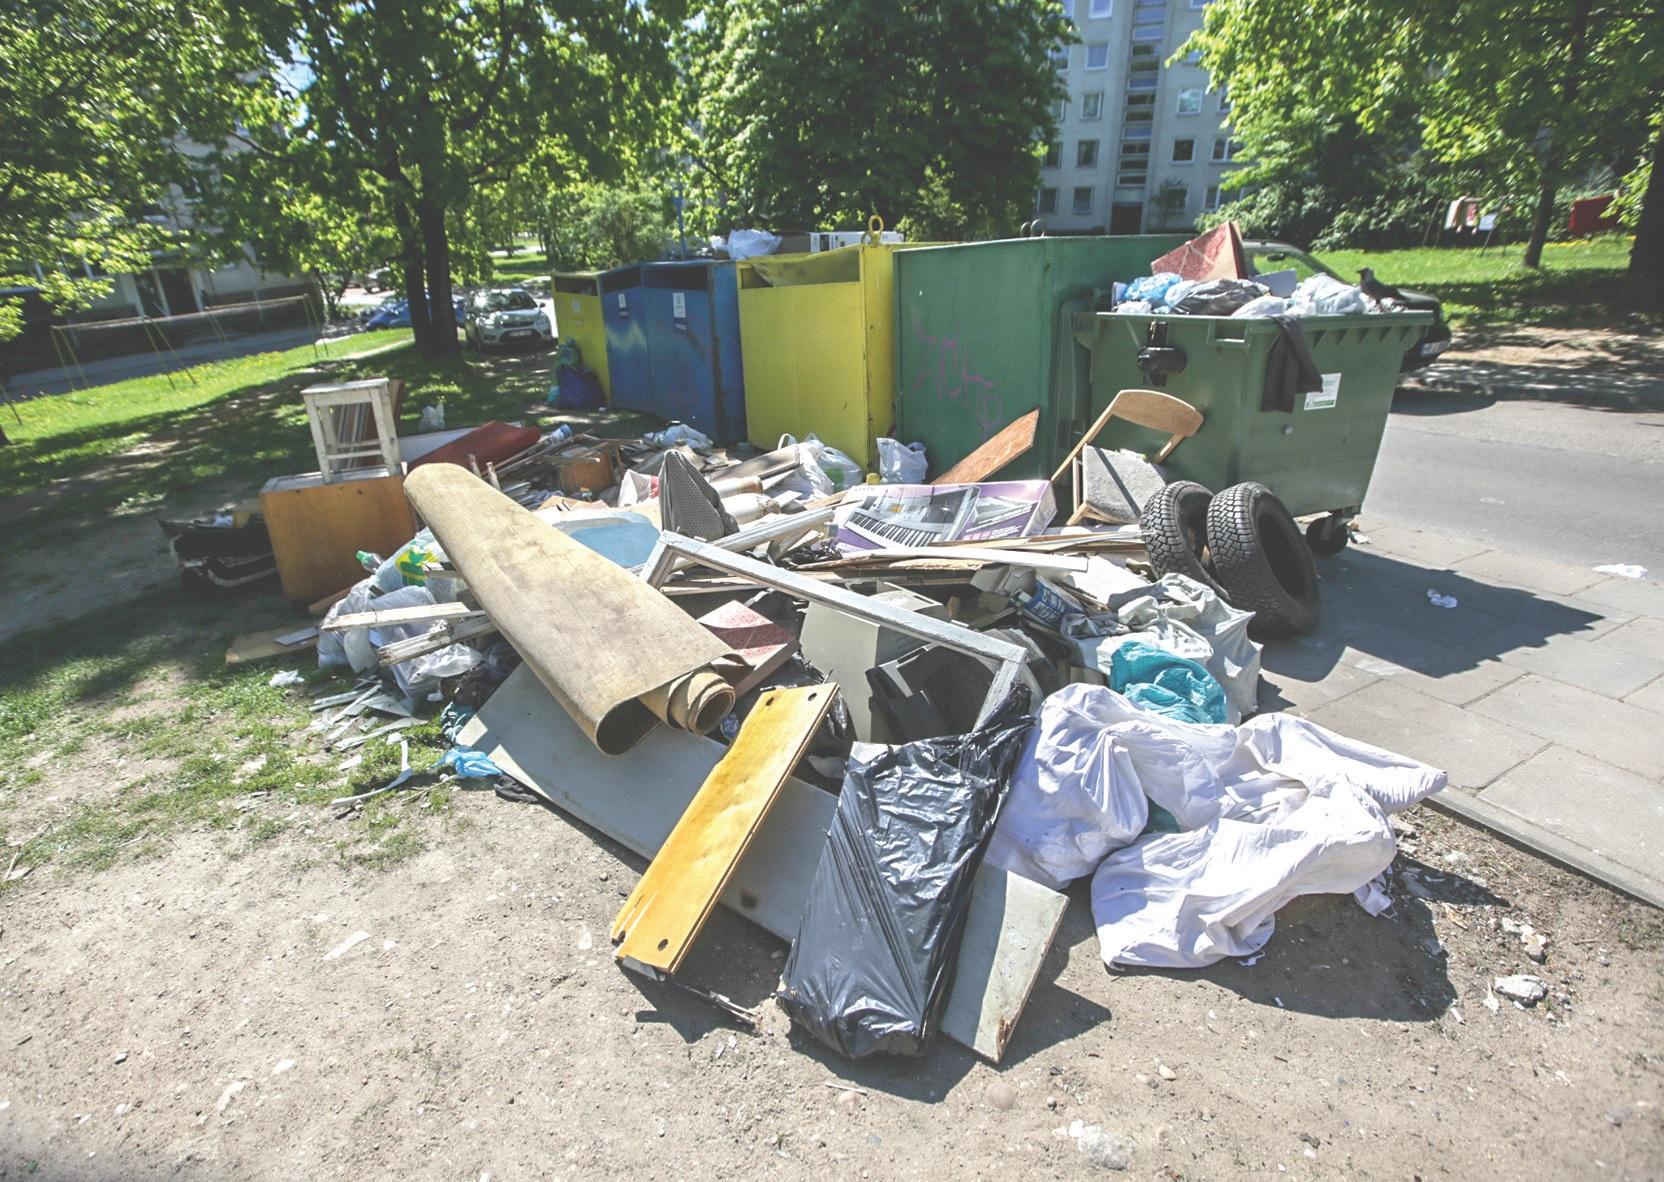 Atliekų tvarkytojai pastebi, kad dar vis tiek yra labai daug neatsakingų žmonių, kurie verčia šiukšles bet kur. BNS/ Vidmanto Balkūno nuotr